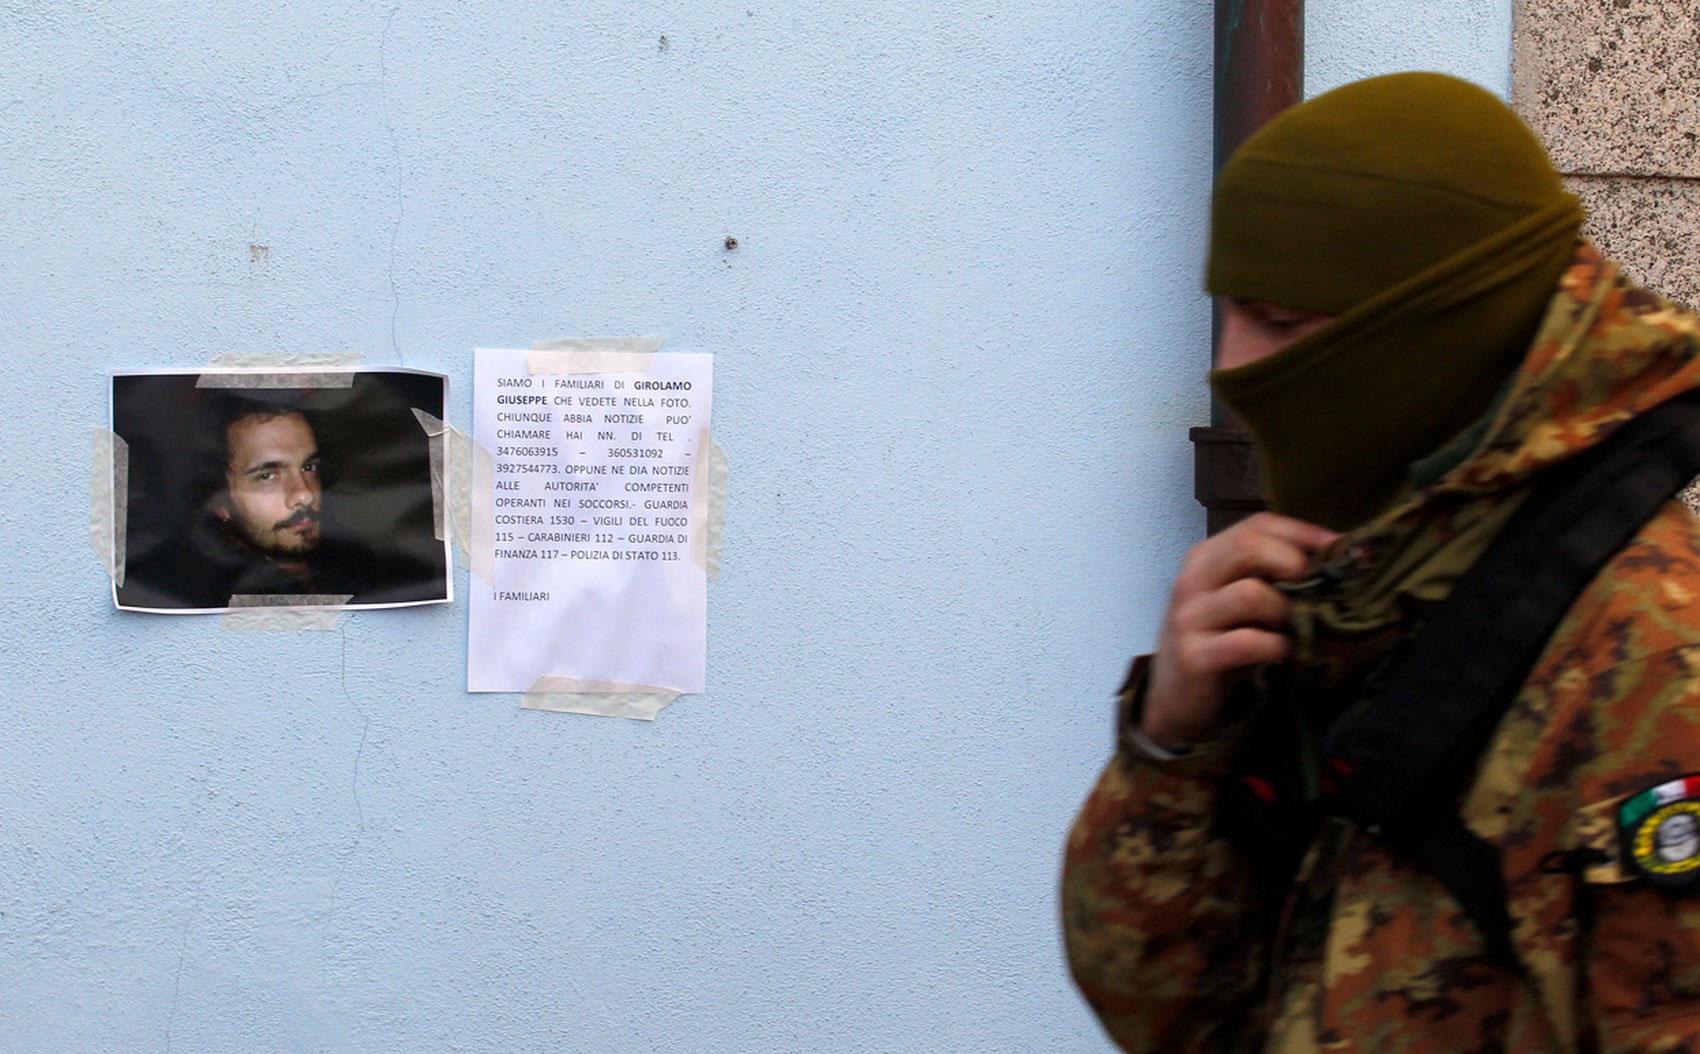 фото пропавшего без вести пассажира корабля, фото